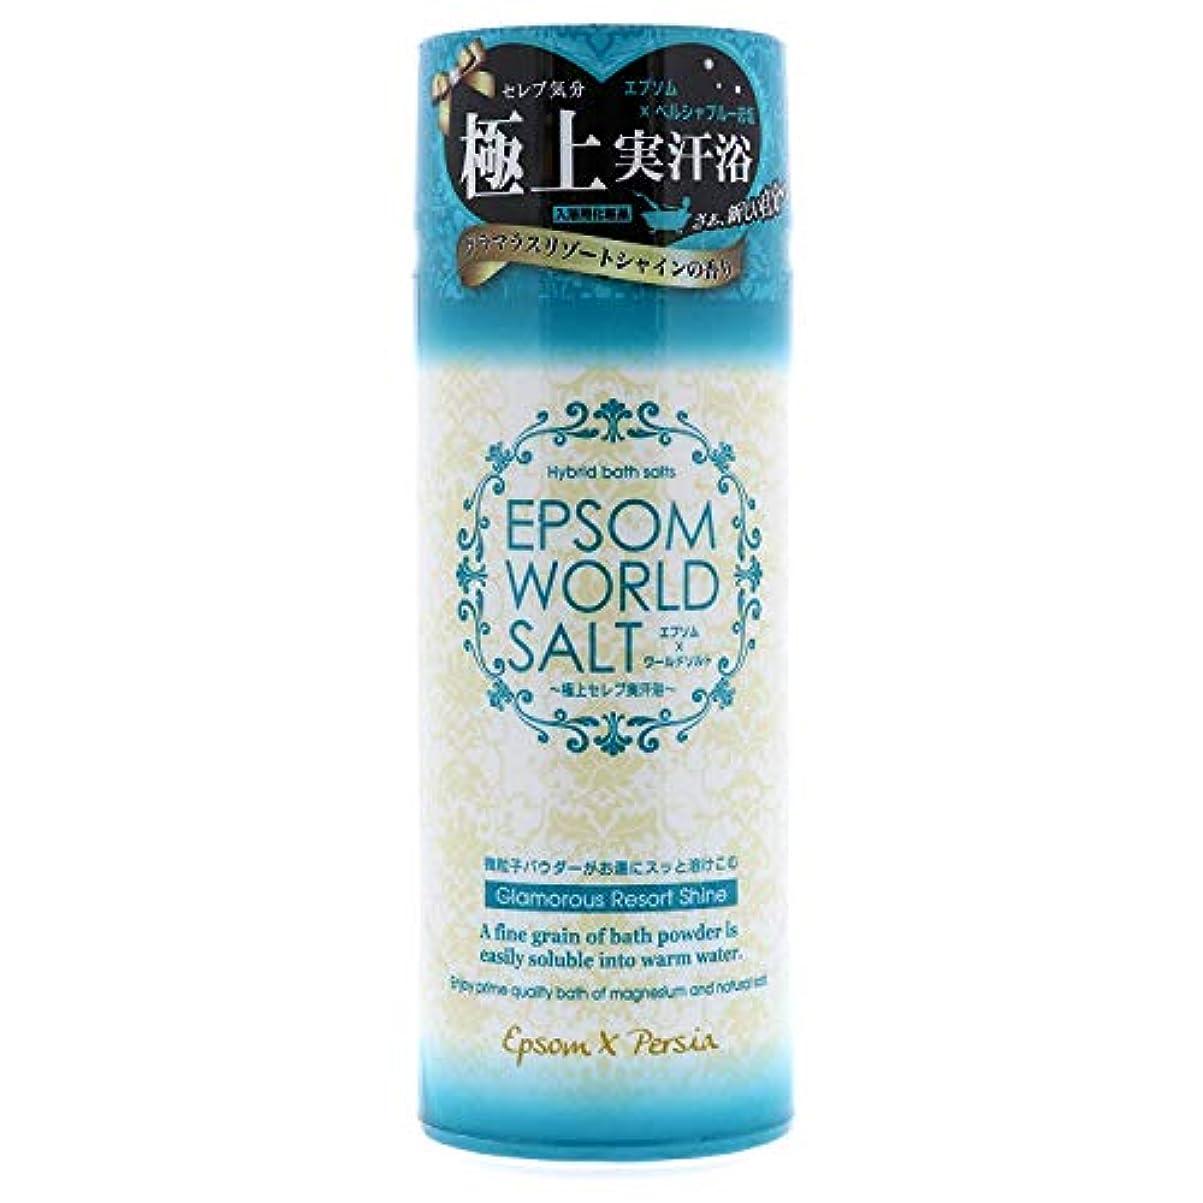 くすぐったい利益ランチエプソムワールドソルト グラマラスリゾートシャインの香り ボトル 500g